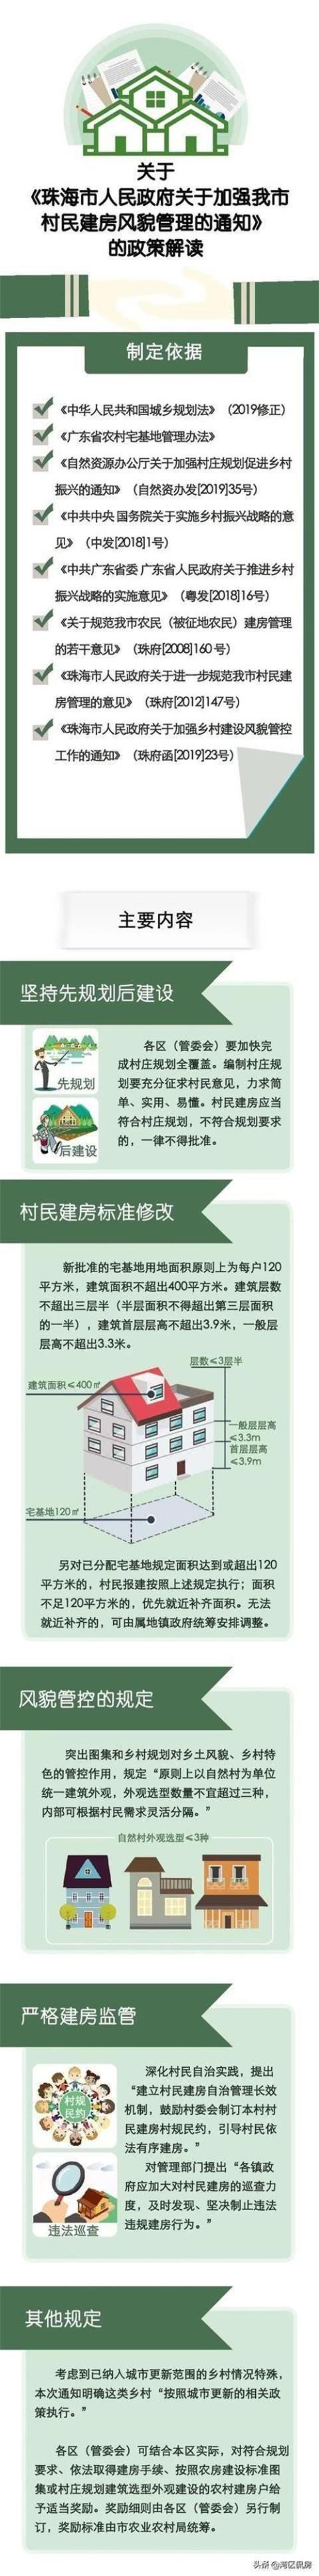 新规出台!建面不能超400㎡,关系这些珠海人的房子,明天正式实行!